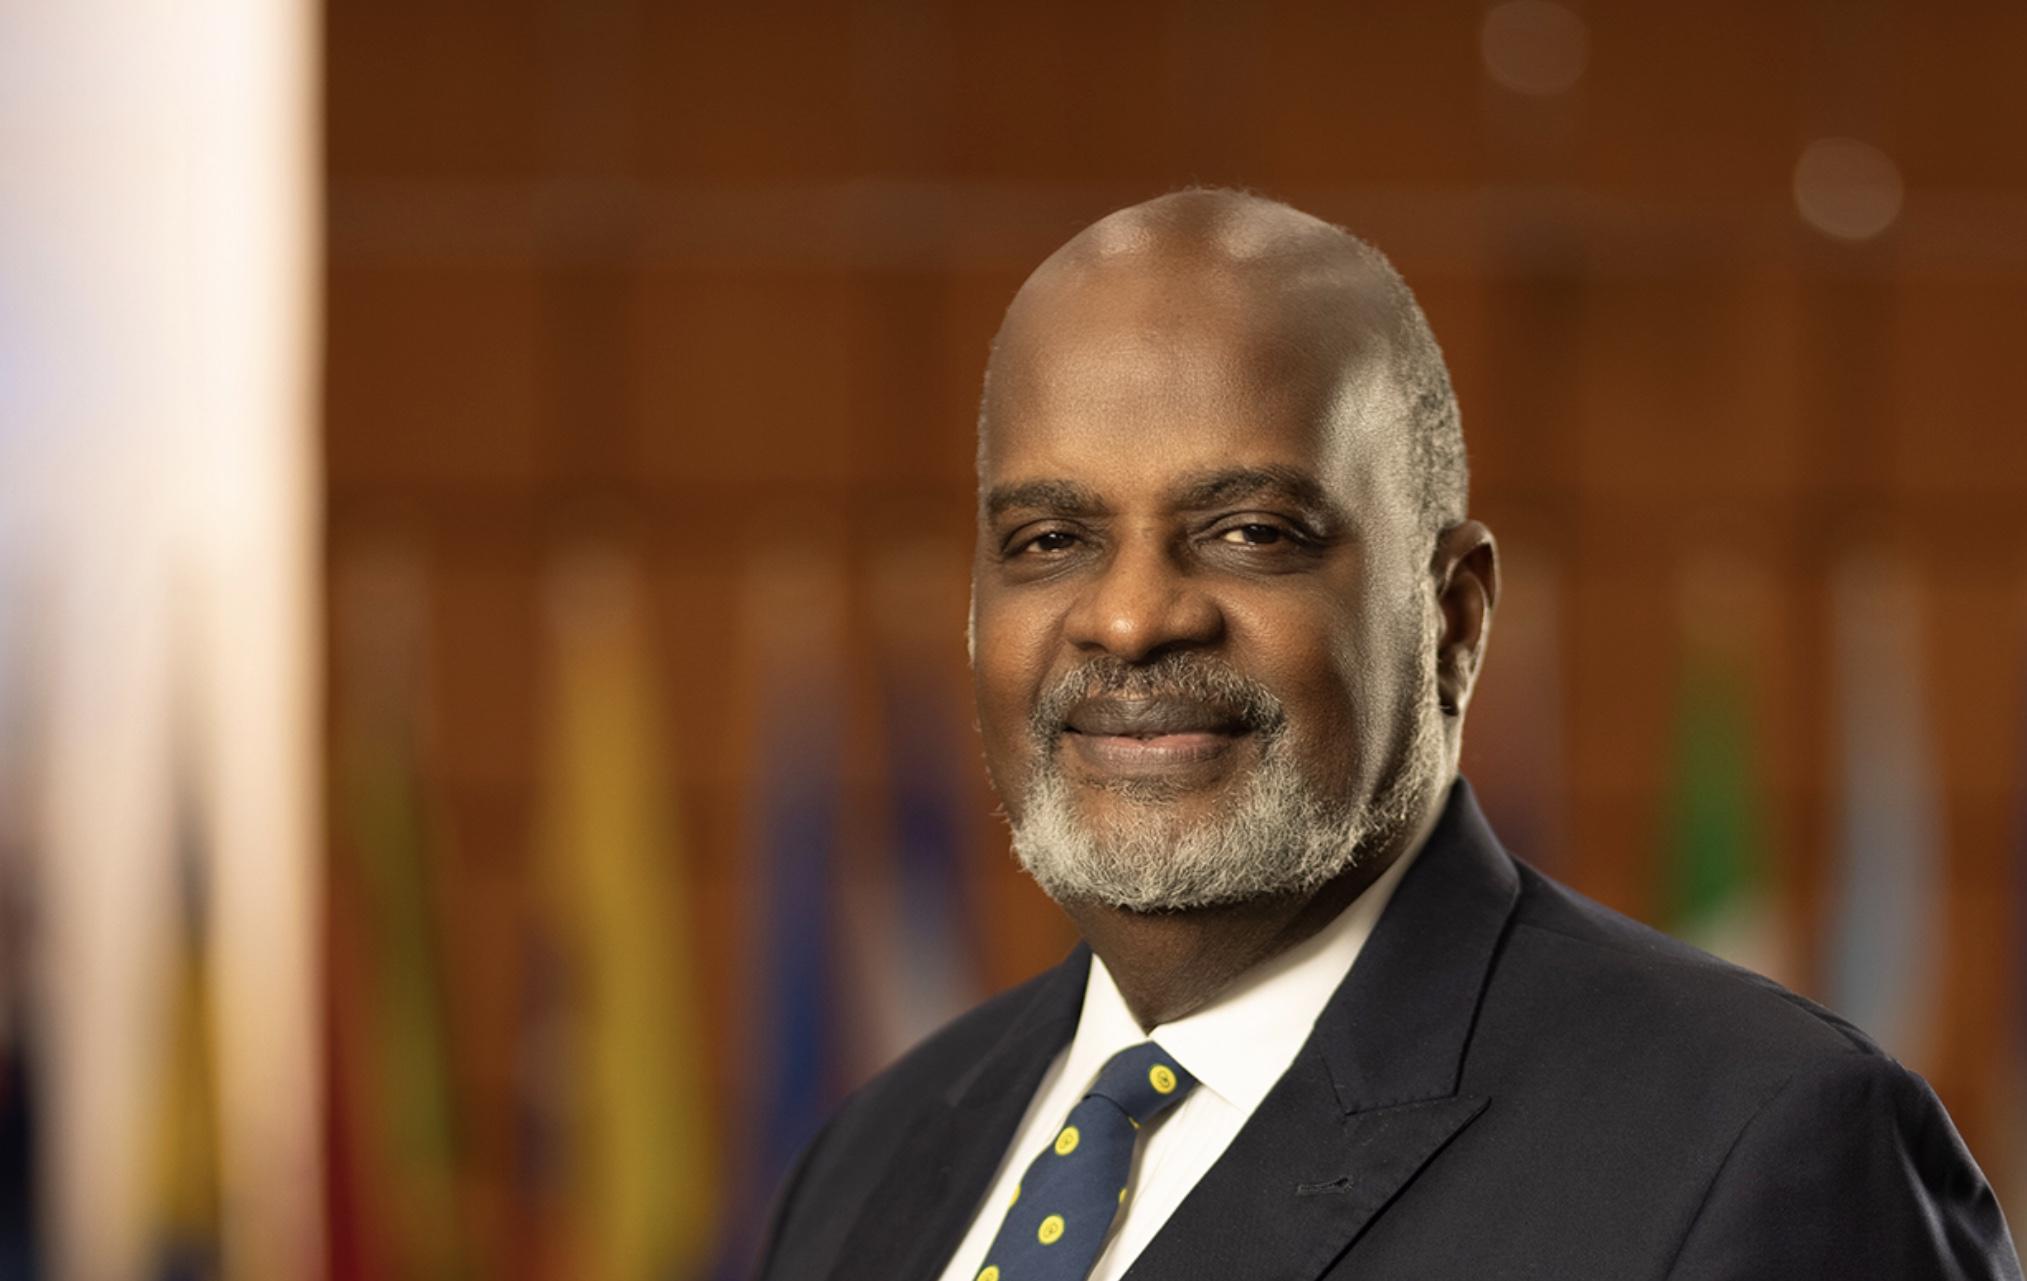 El Presidente de la DIA Insta a los Miembros a Seguir Orando y Ministrando en Tiempos Difíciles